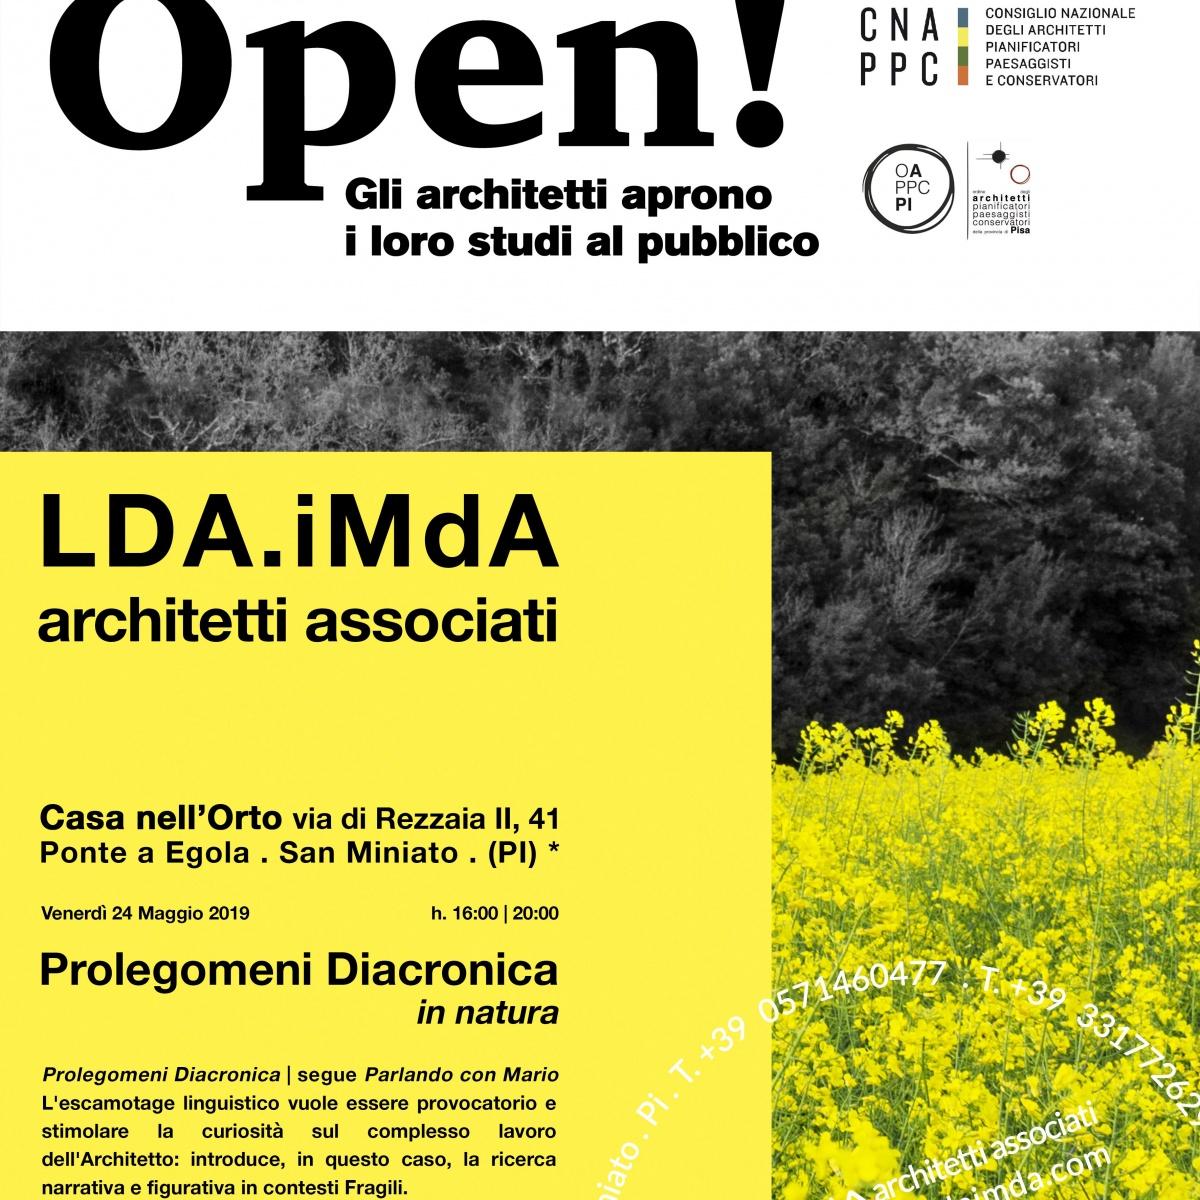 foto campo di colza a San Miniato Pisa evento open studi aperti architetti ldaimda